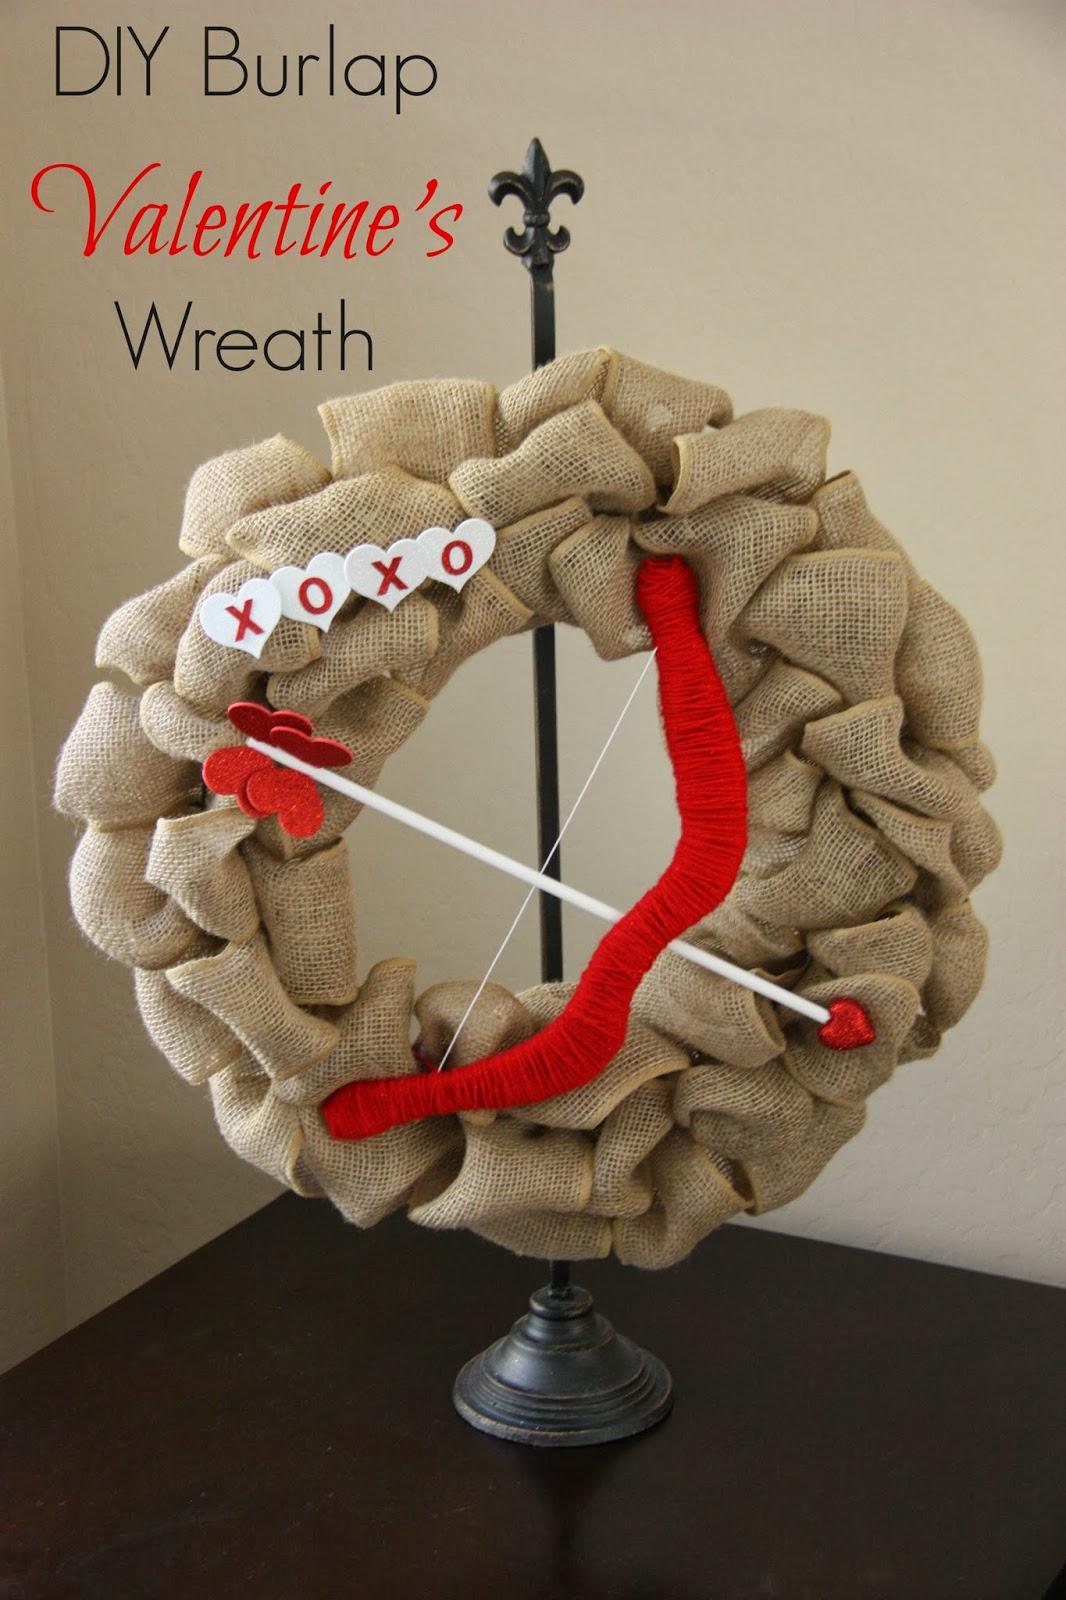 Burlap Valentine's Wreath Tutorial